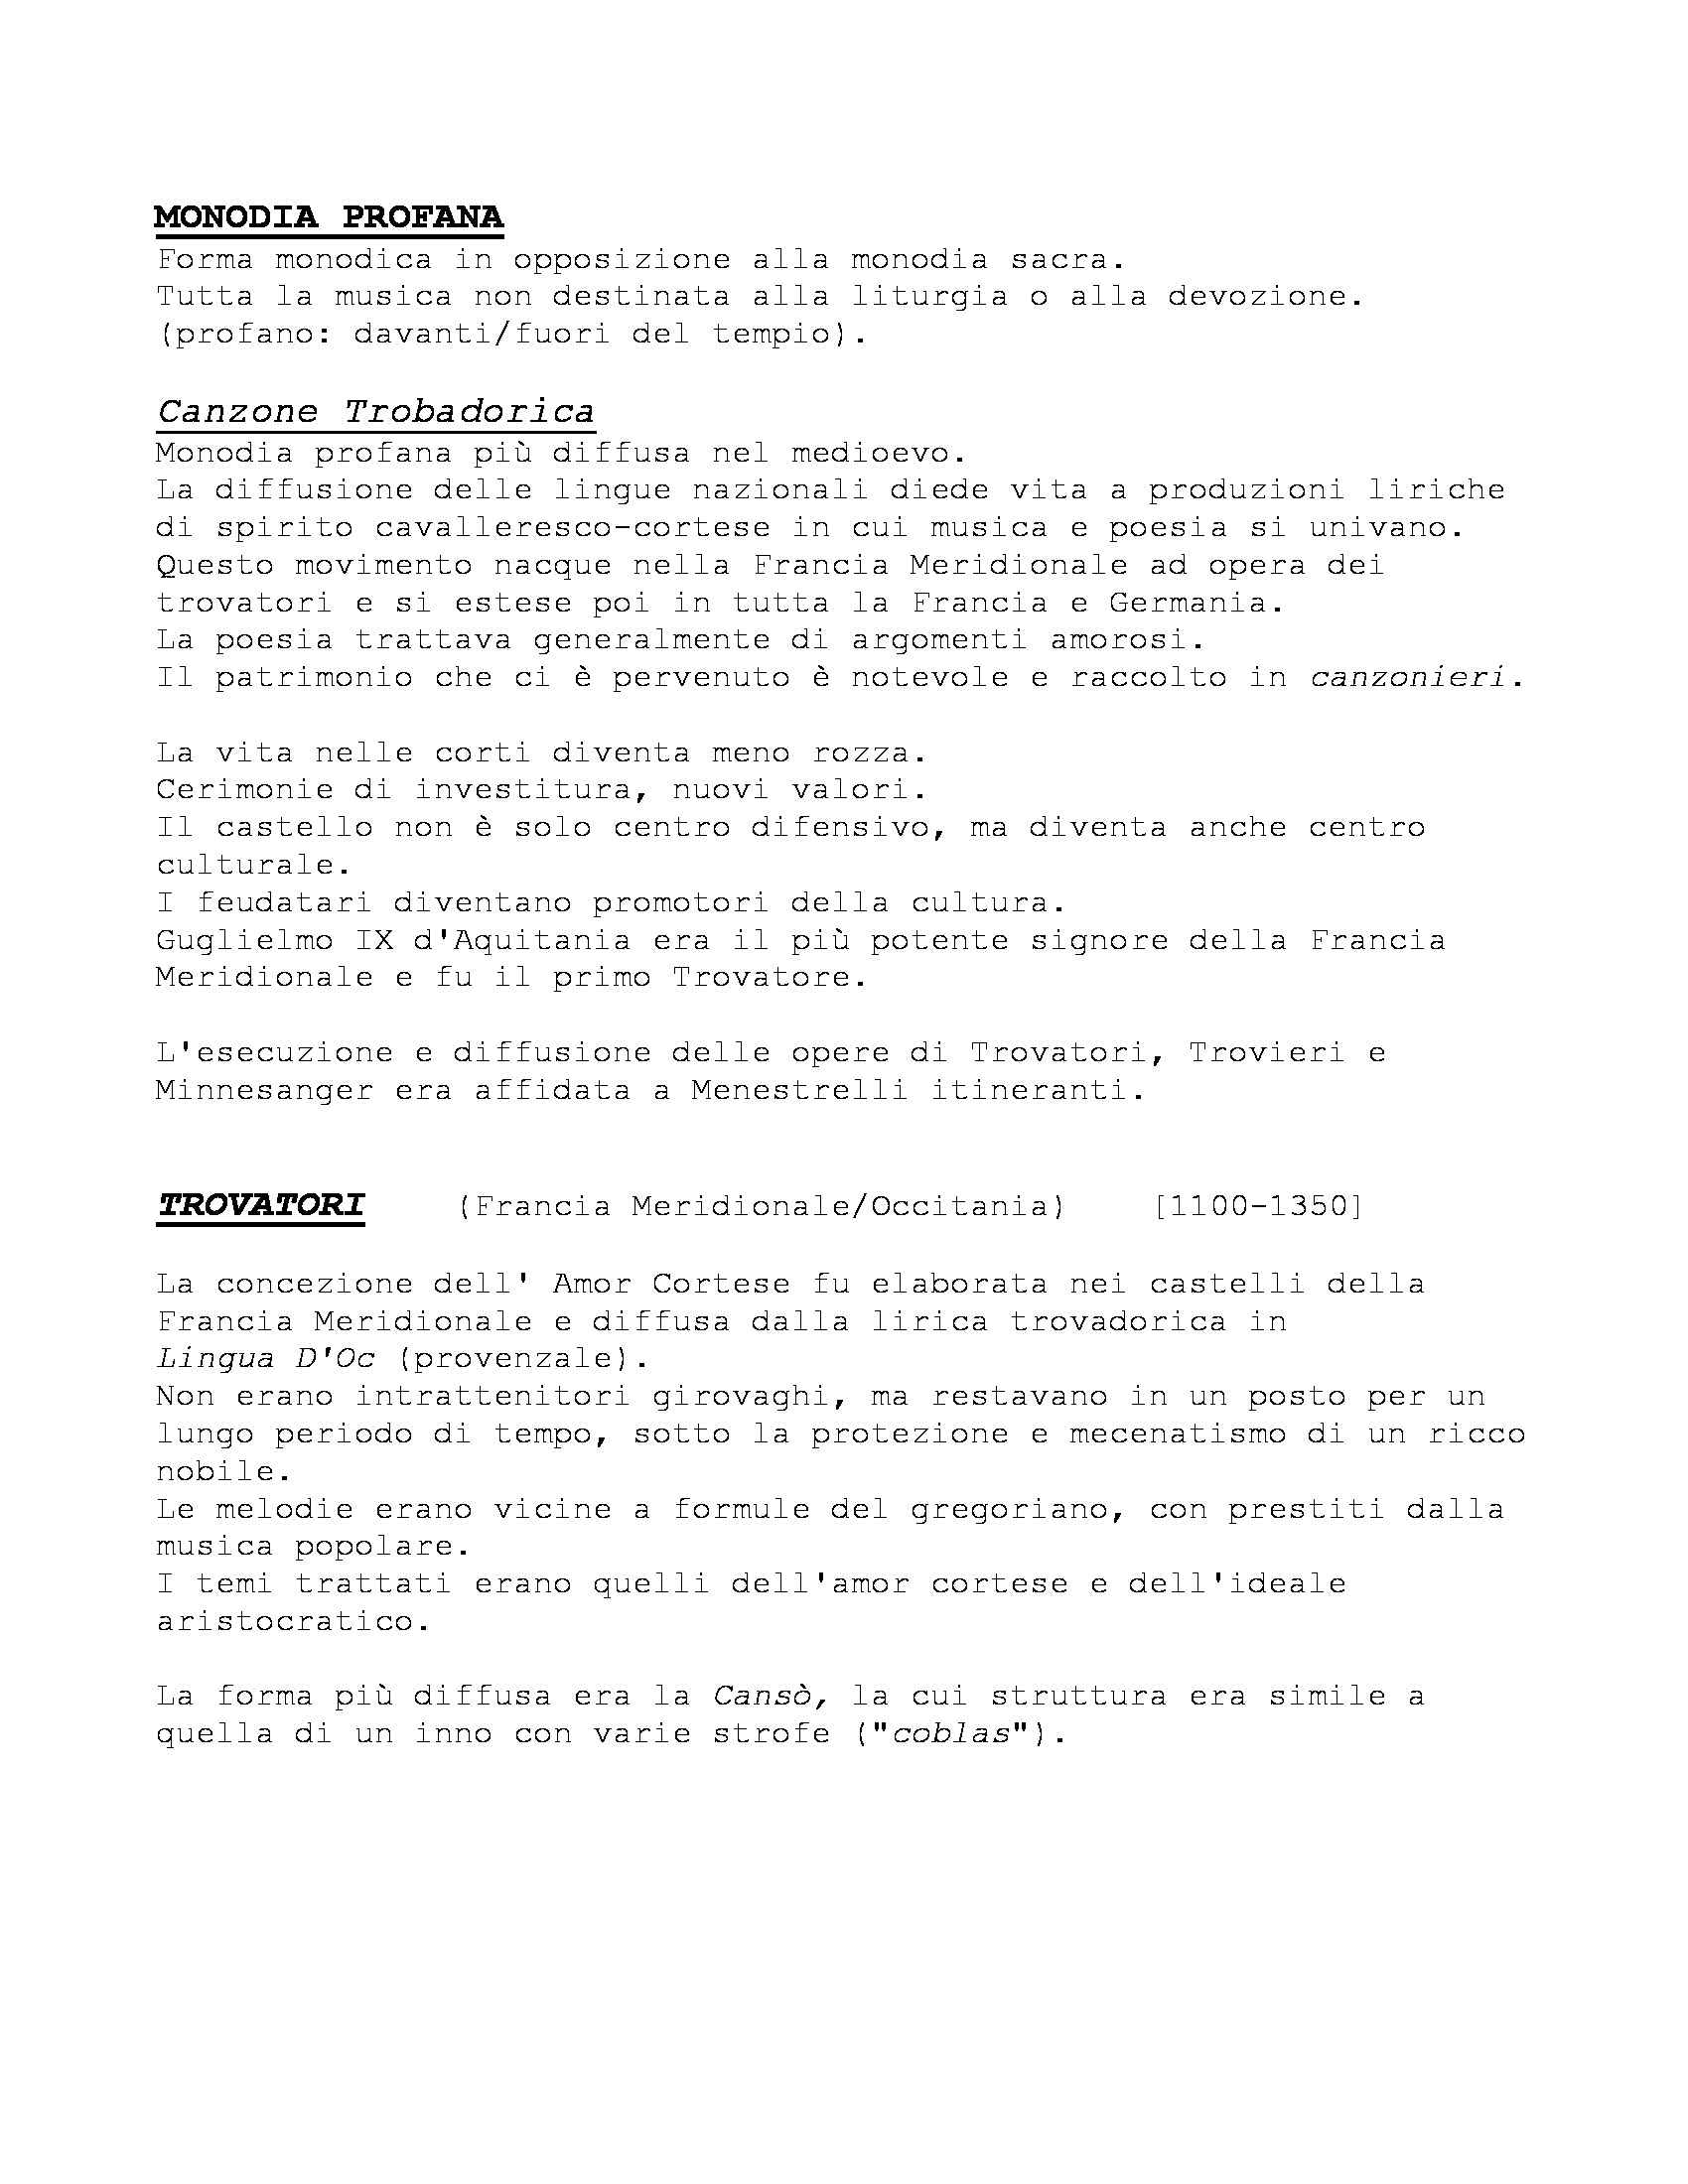 Storia delle Forme e Repertori Musicali 1 - Appunti Pag. 6